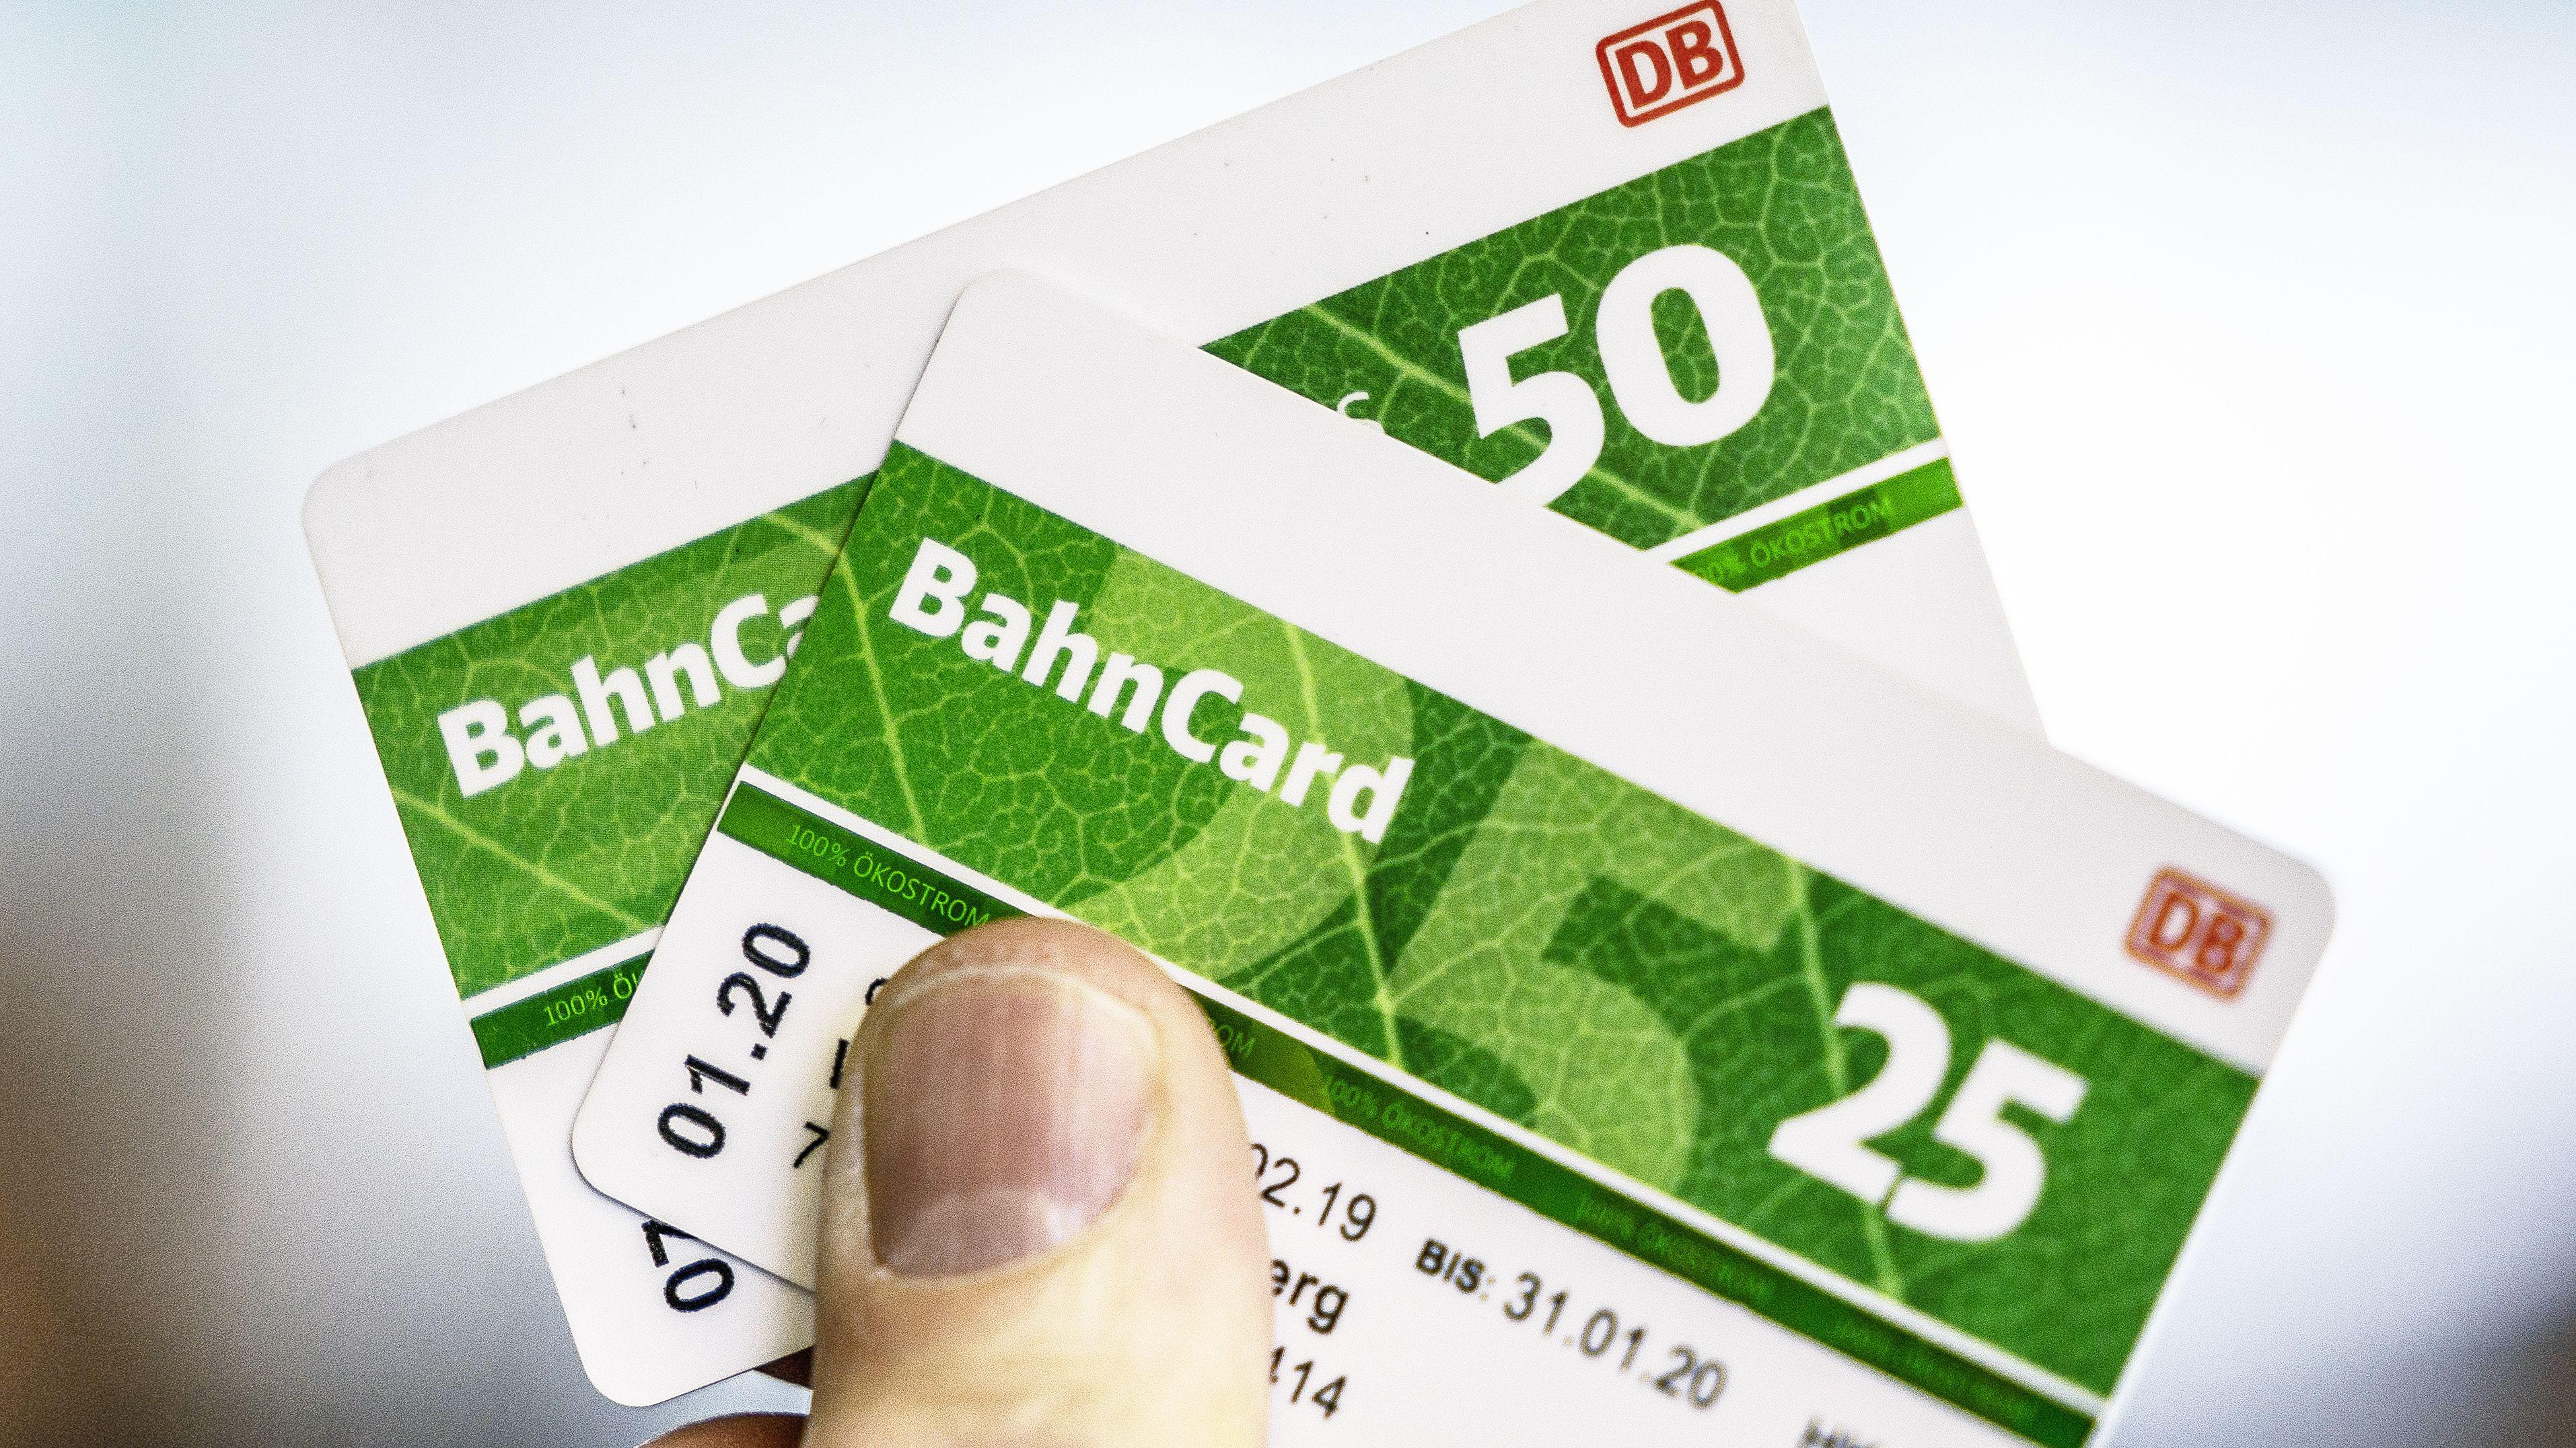 Symbolbild: Bahncard 50 und 25